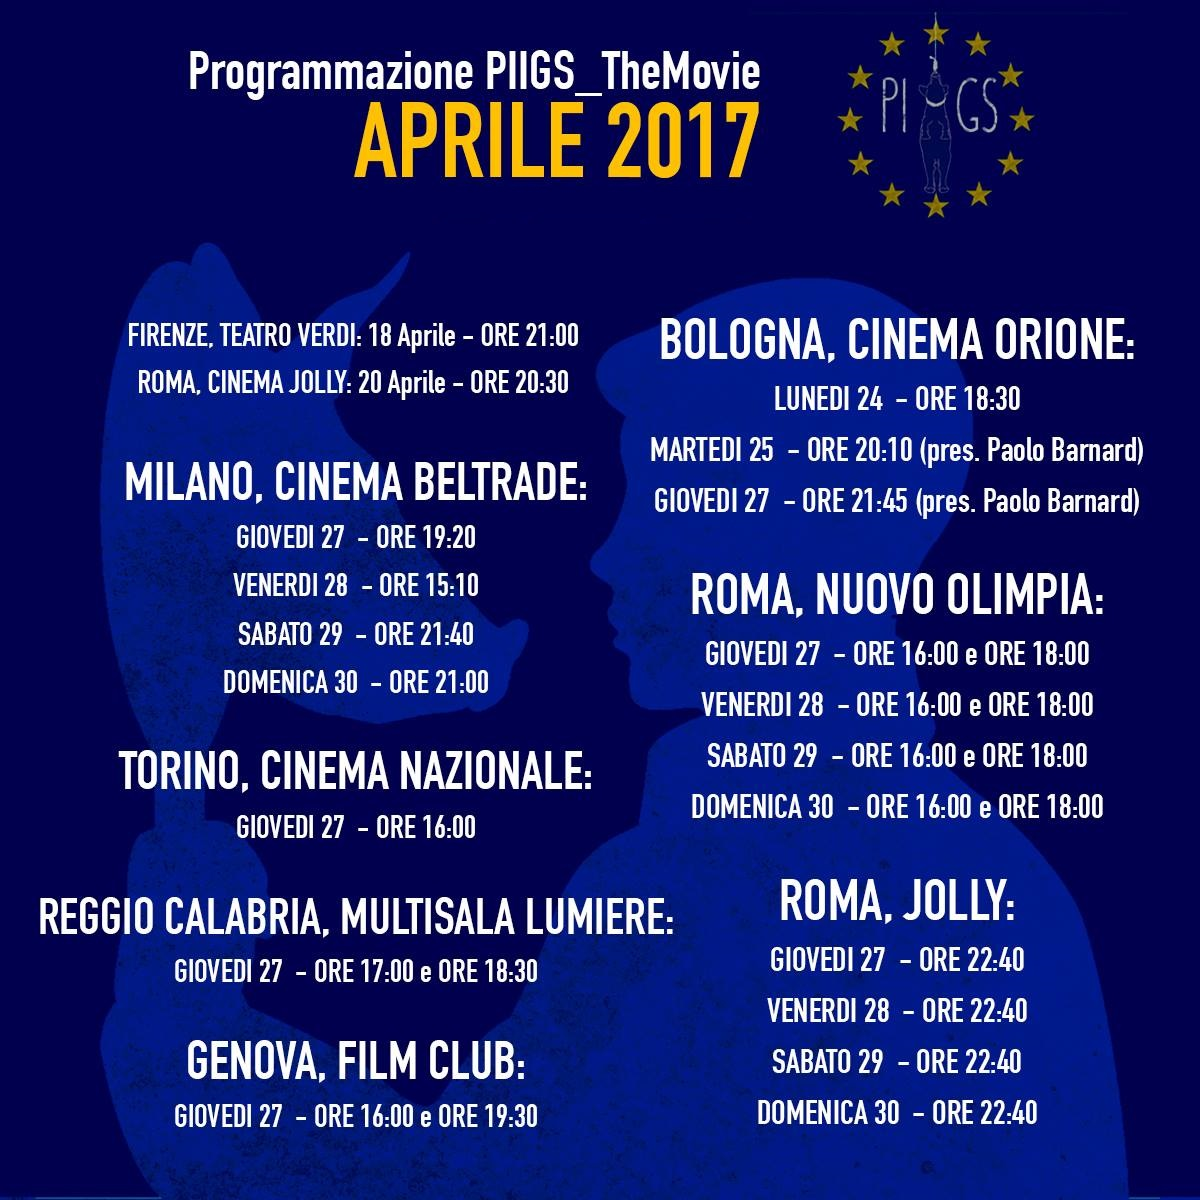 PIIGS - OVVERO COME IMPARAI A PREOCCUPARMI E A COMBATTERE L'AUSTERITY - TRAILER ESTESO 15 MINUTI - date proiezioni cinema